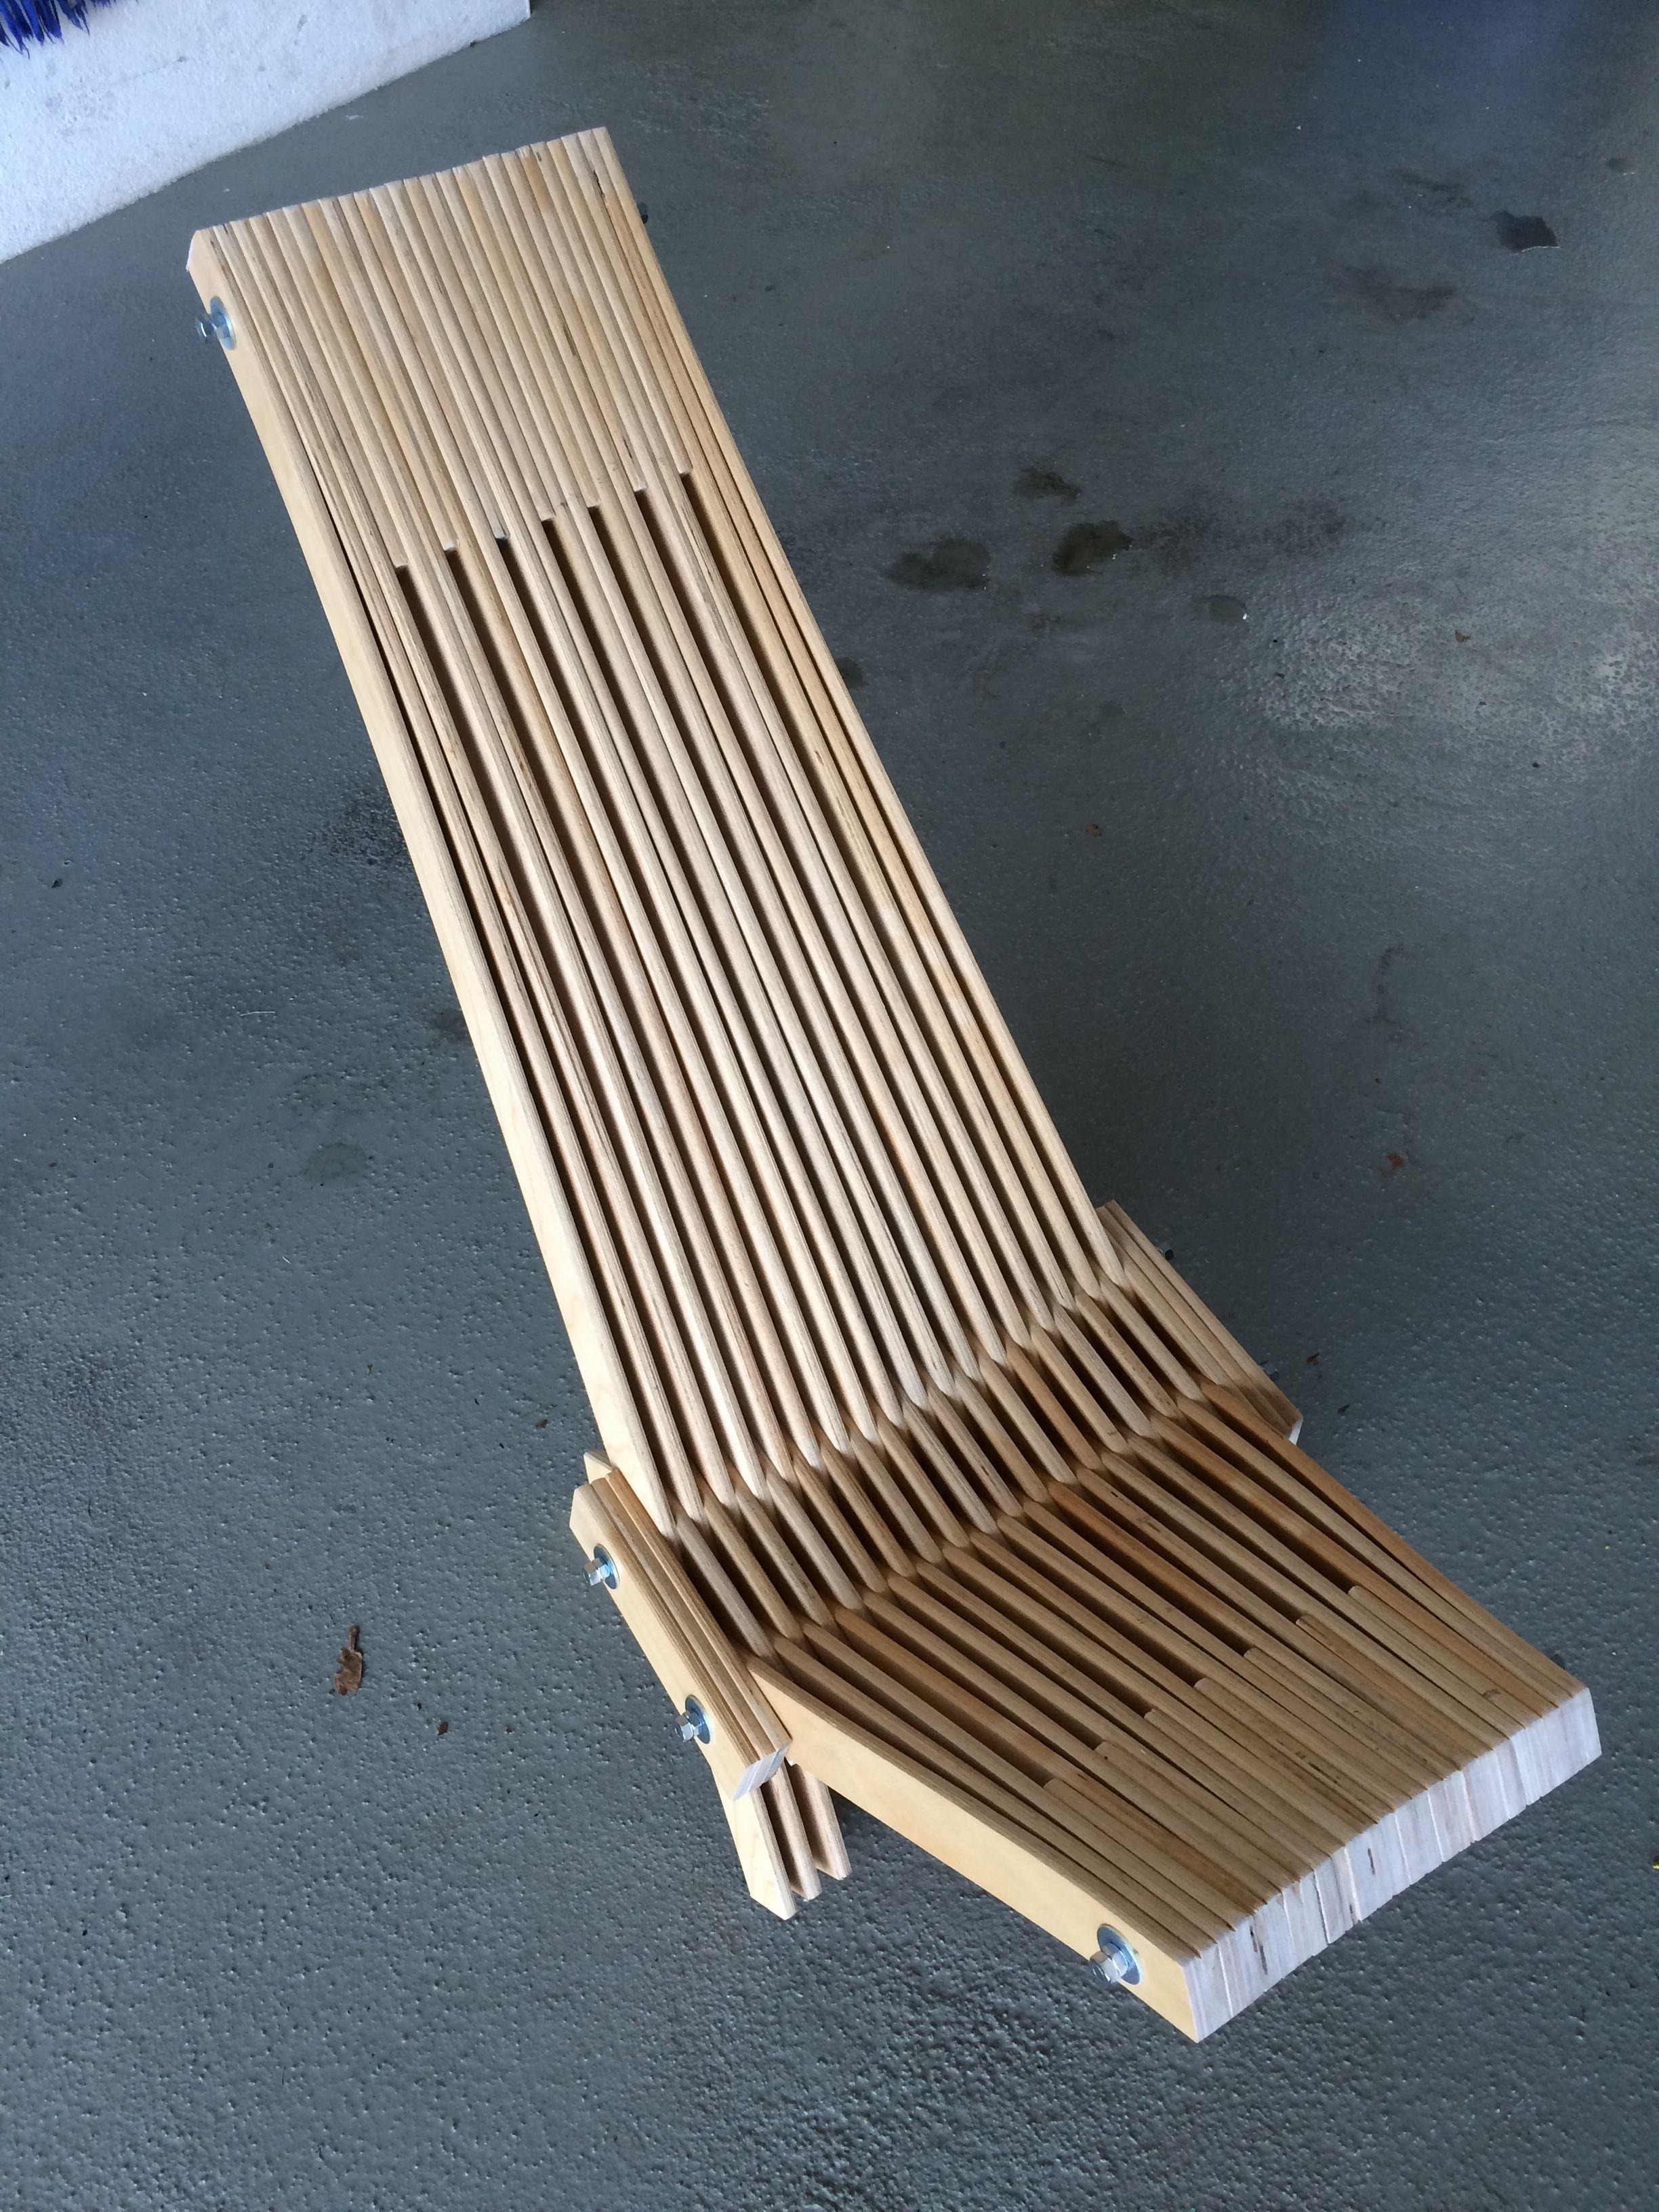 liegestuhl aus alten lattenrost brettern f r kinder sitzgelegenheiten liegen sitzen und. Black Bedroom Furniture Sets. Home Design Ideas